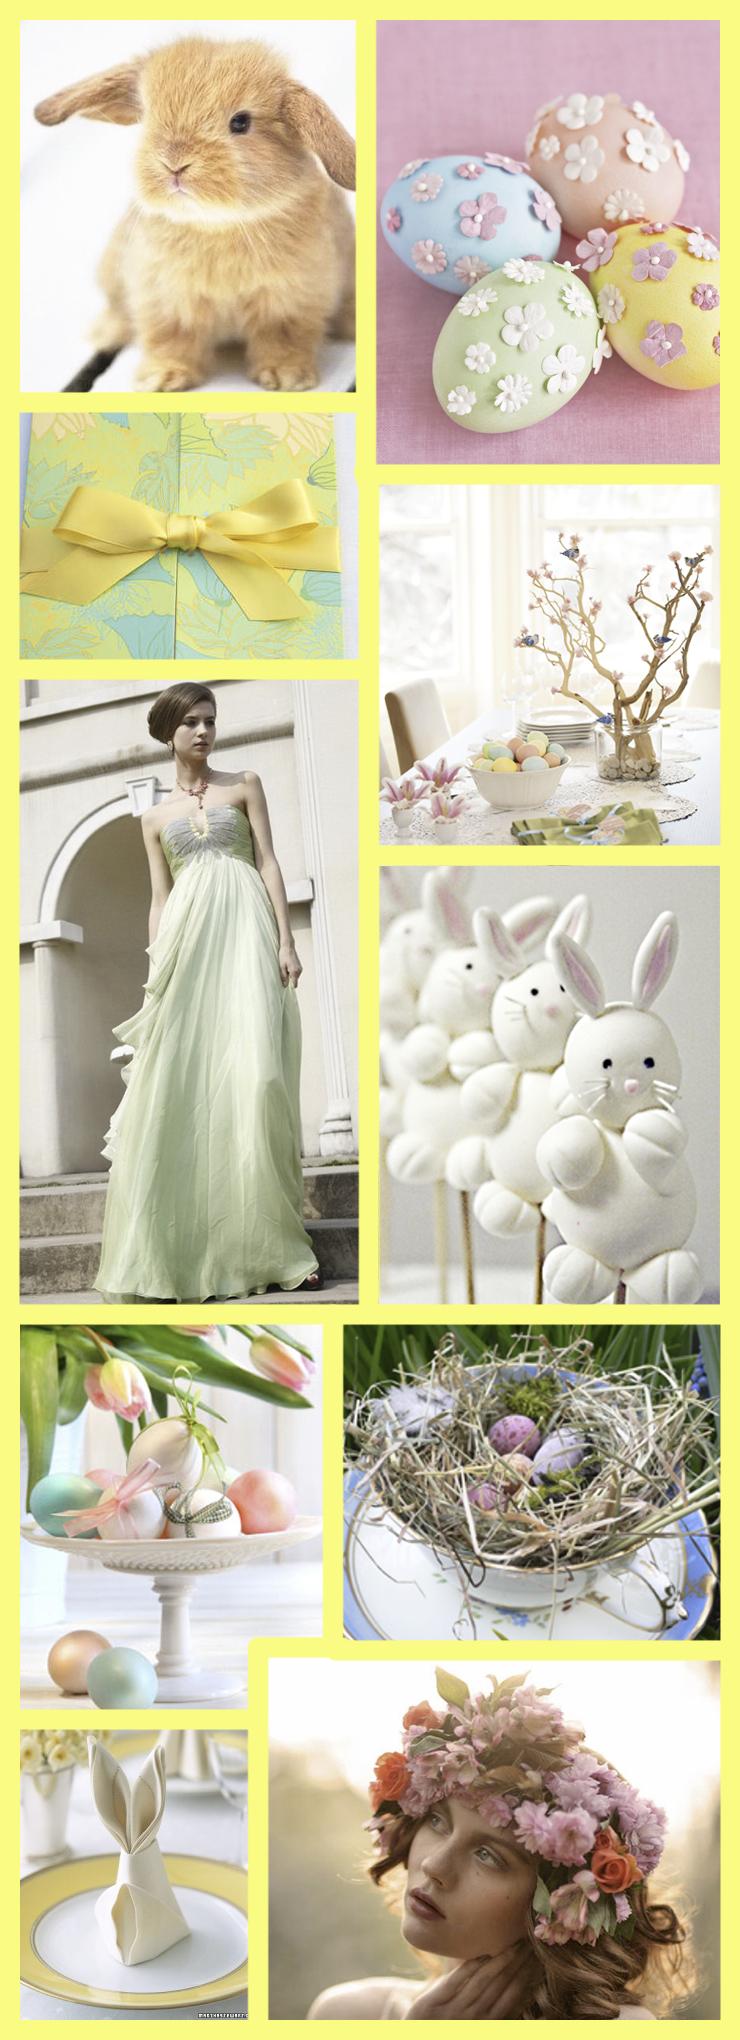 Easter wedding - UK wedding blog - My Wedding Ideas BlogUK wedding blog – My Wedding Ideas Blog